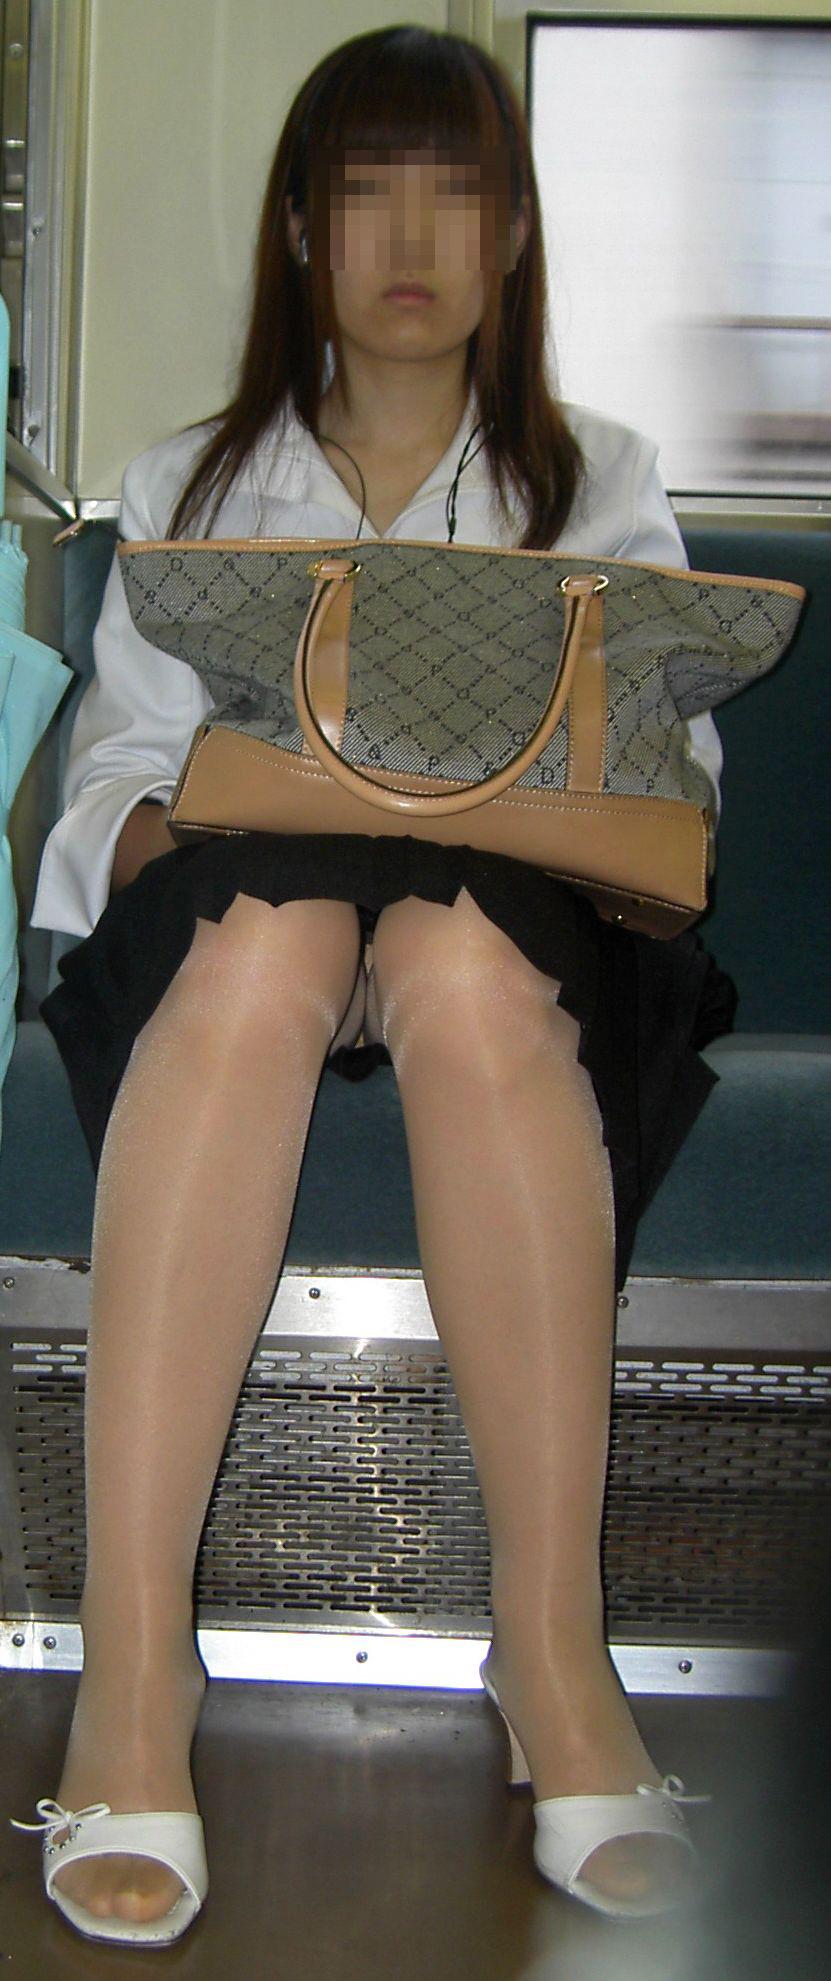 【パンチラエロ画像】対面さえとれば後はこっそり…電車内のパンチラ観察www 17